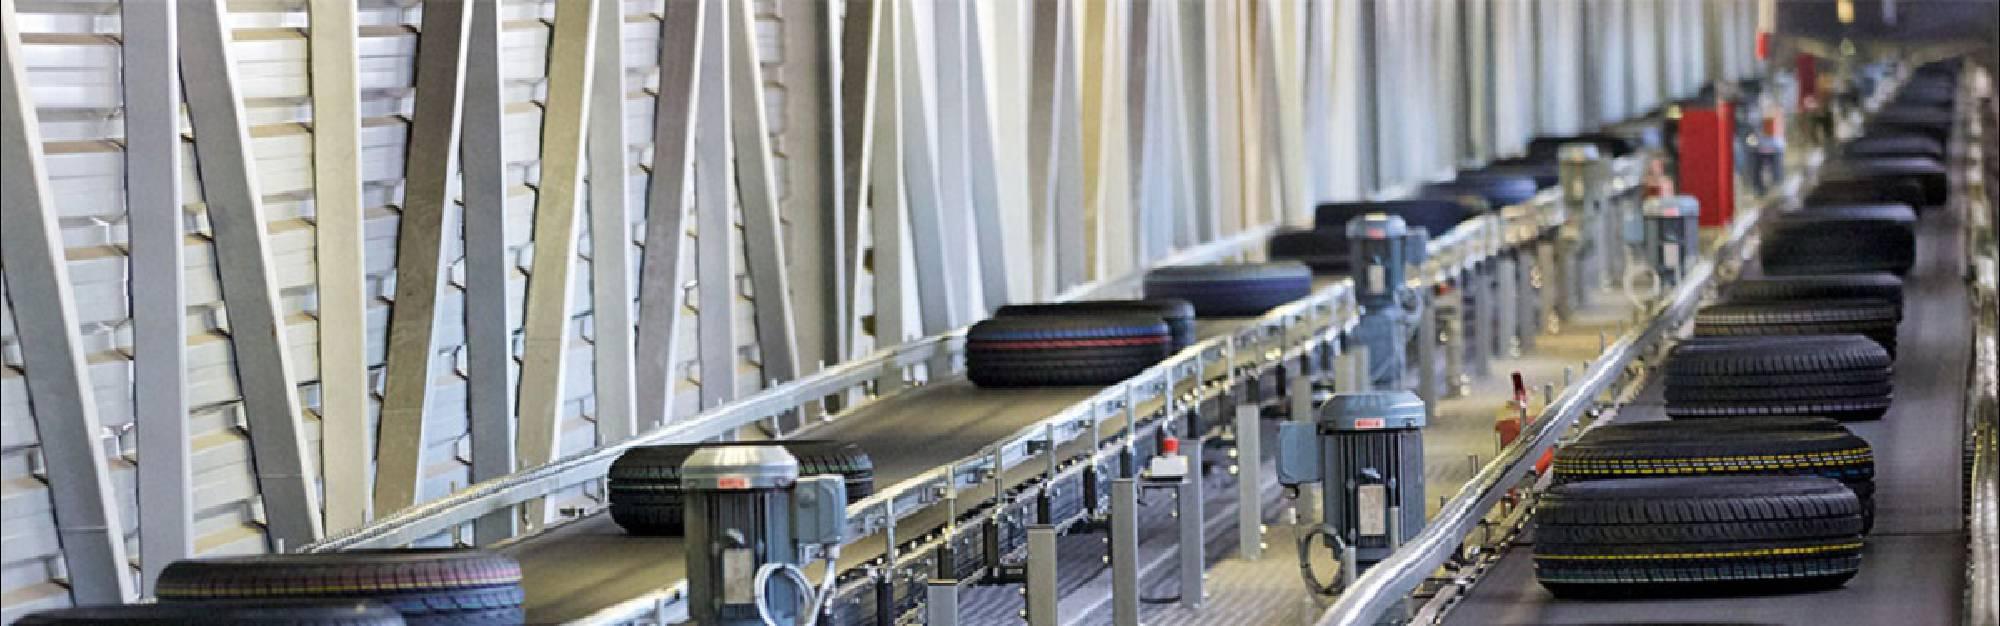 Oman Rolling Belts, Conveyor belts in UAE